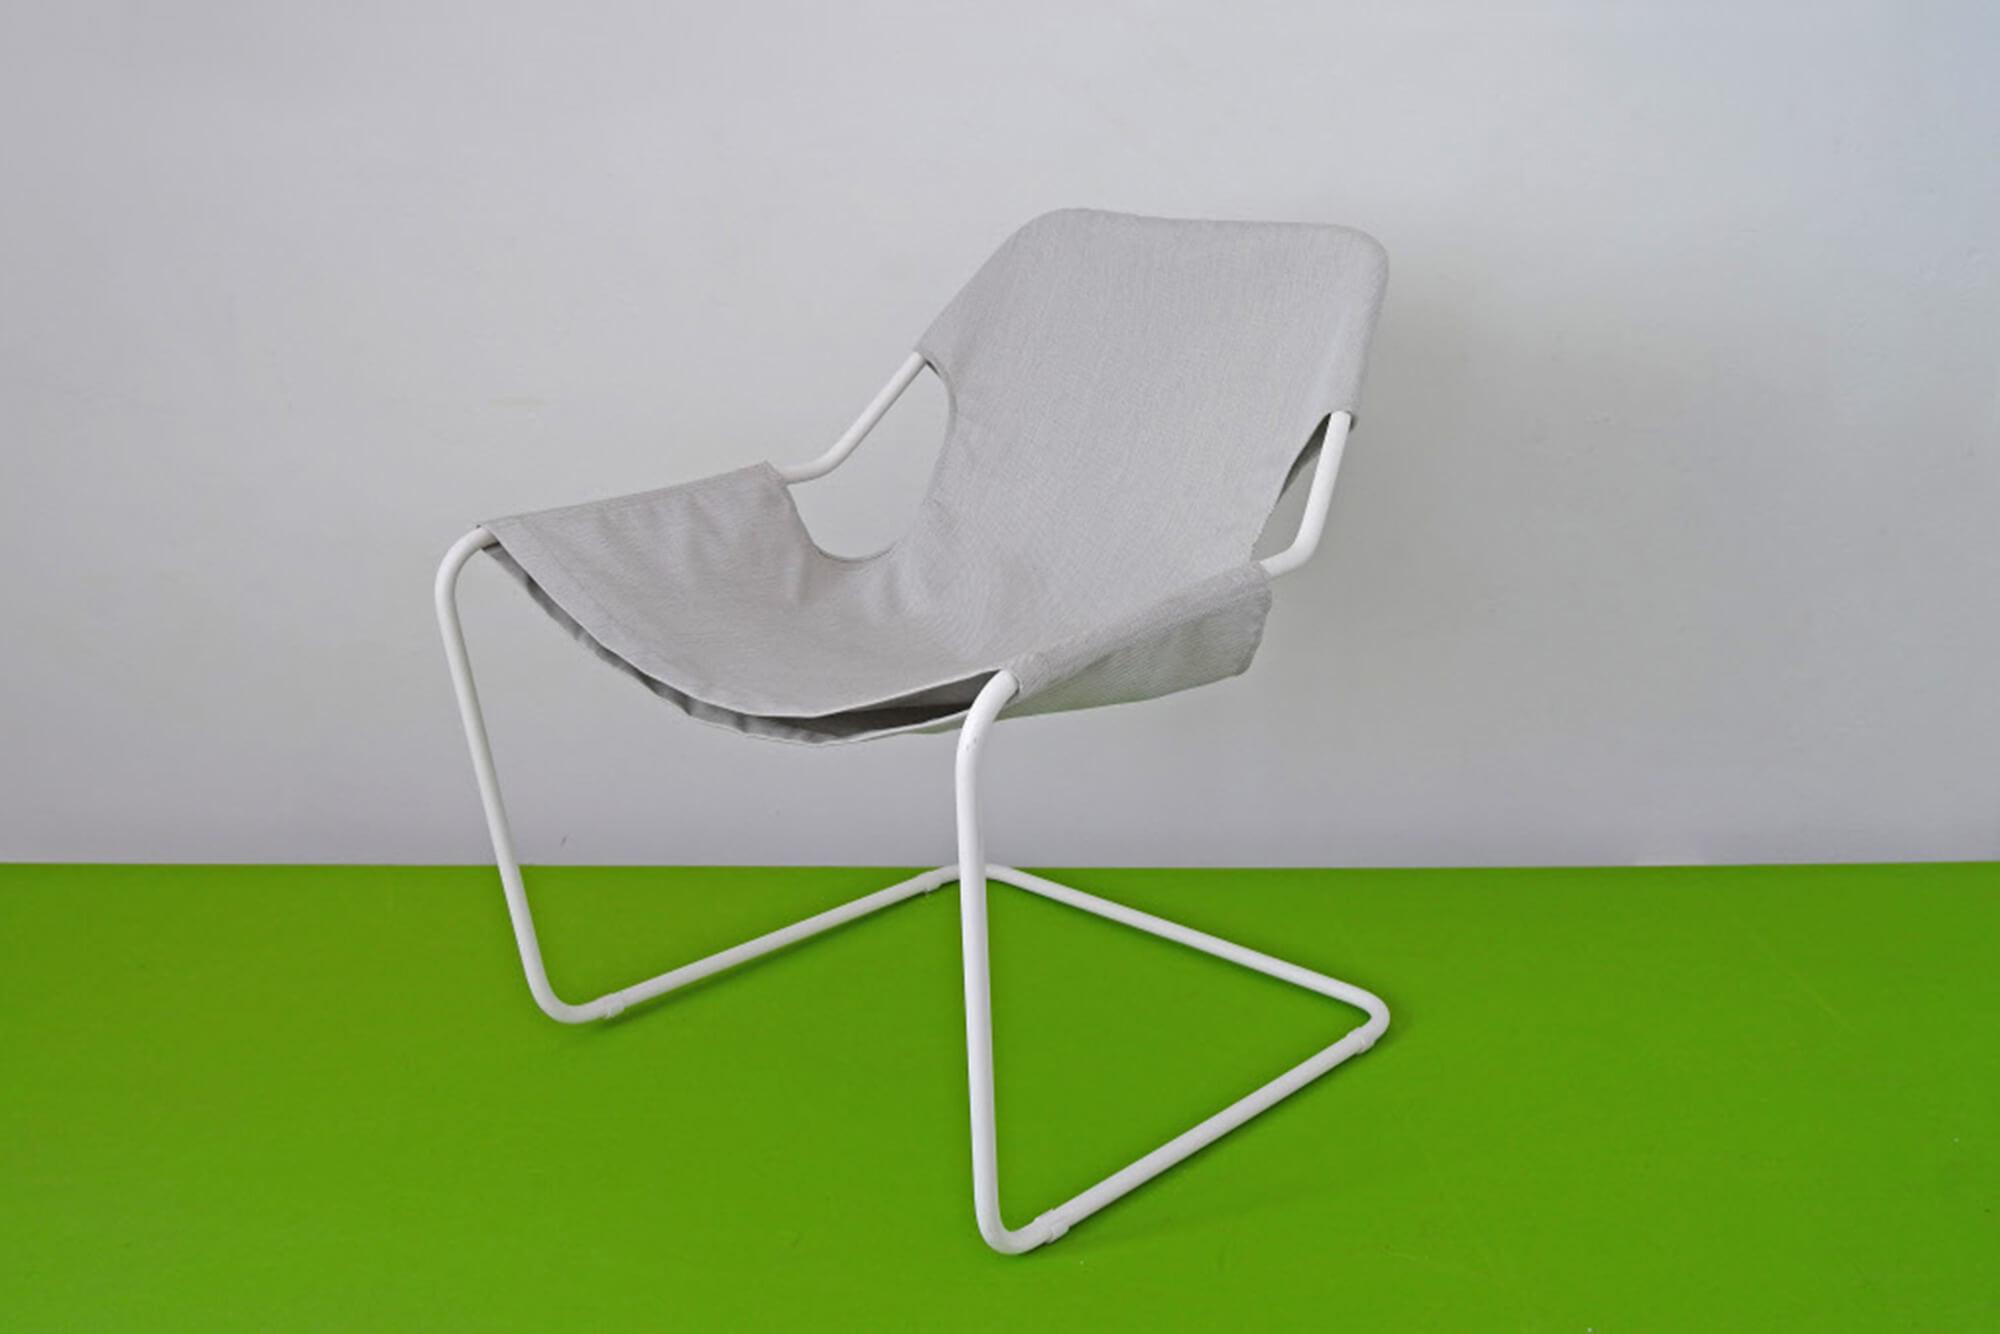 金属框架、灰色 Sunbrella 织物装饰的坐椅